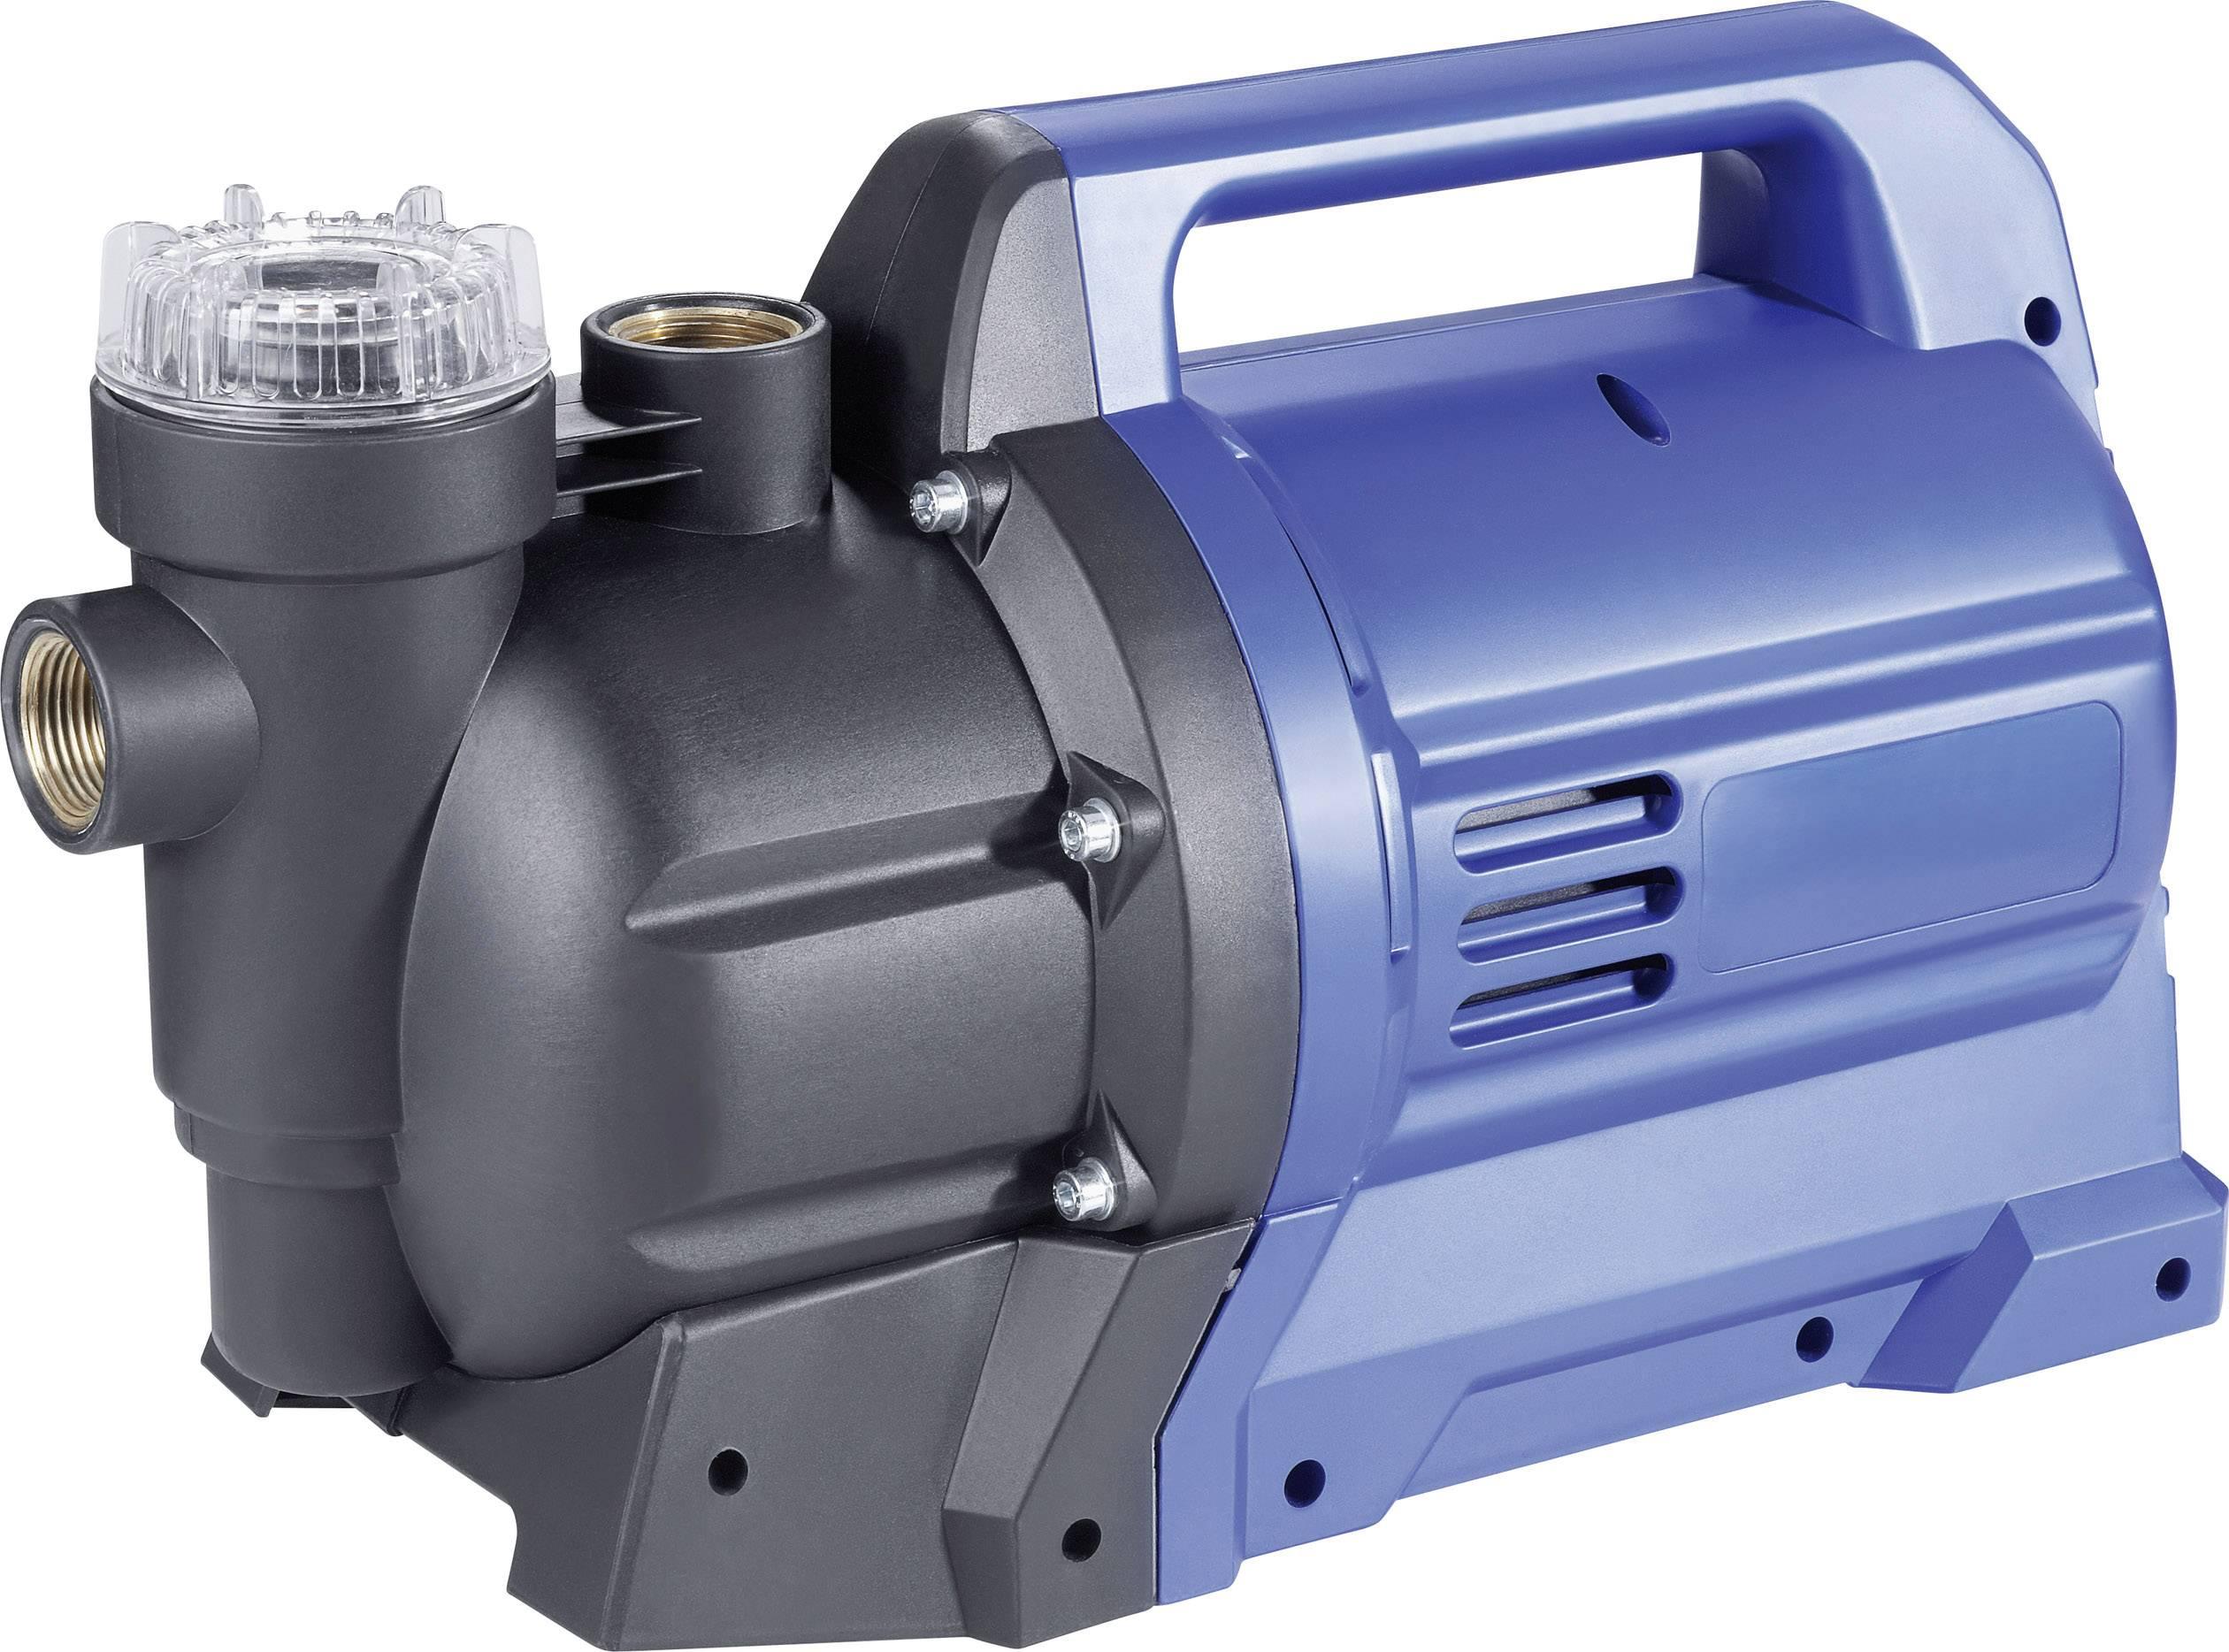 Záhradné čerpadlo Renkforce 1100W 1034030, 4200 l/h, 45 m, 1100 W